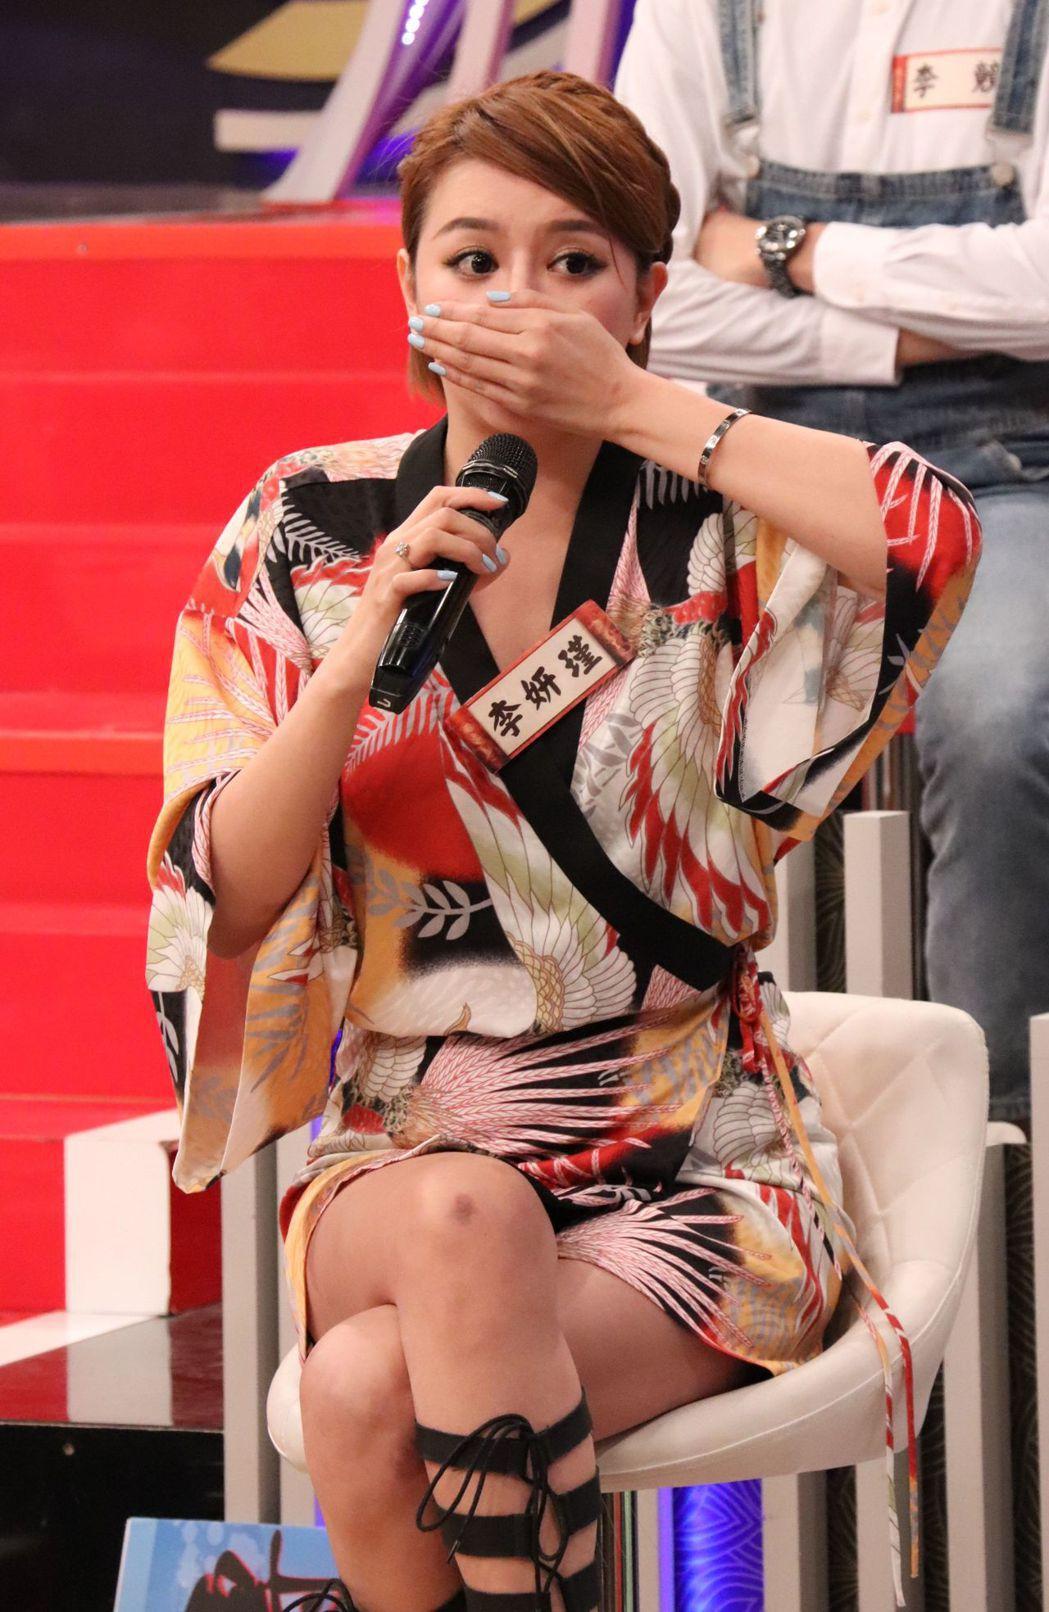 李妍瑾聊到複雜曲折的身世,掩不住眼淚哭了。圖/中天提供